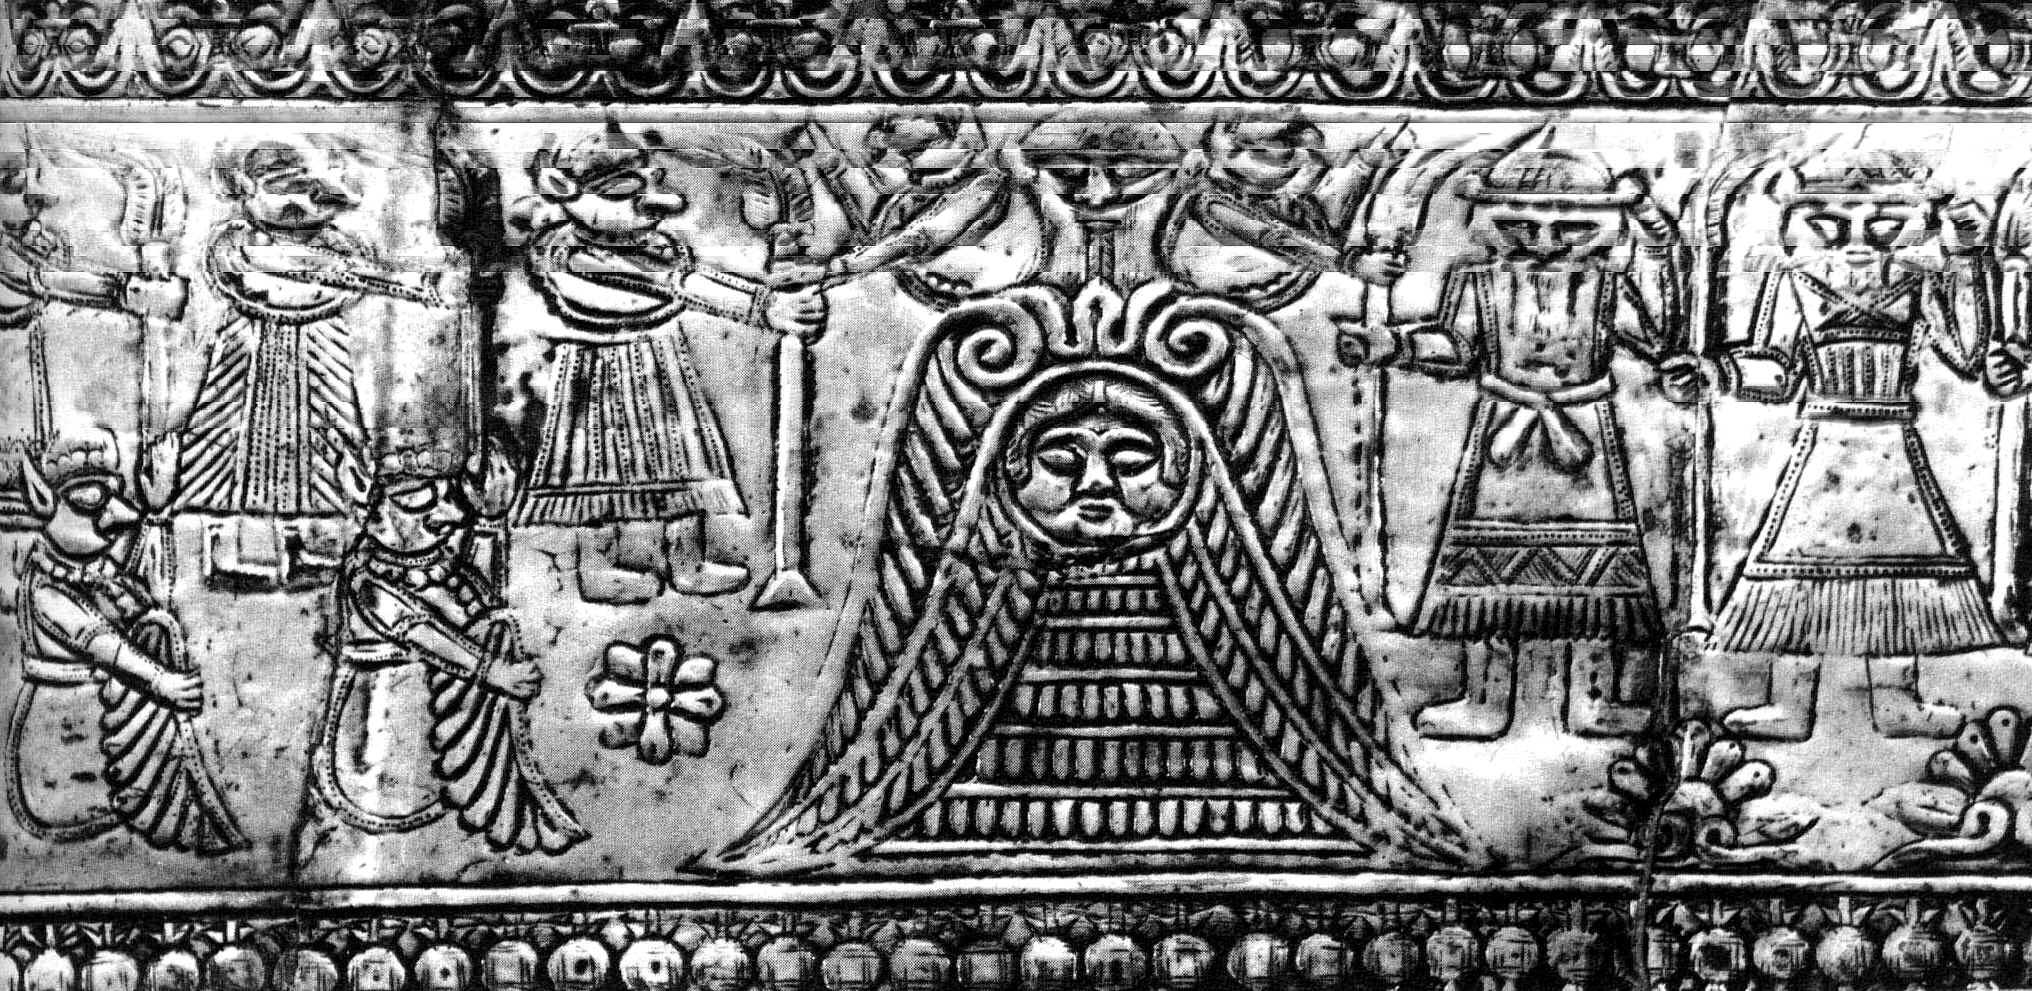 ahriman zoroastrianism